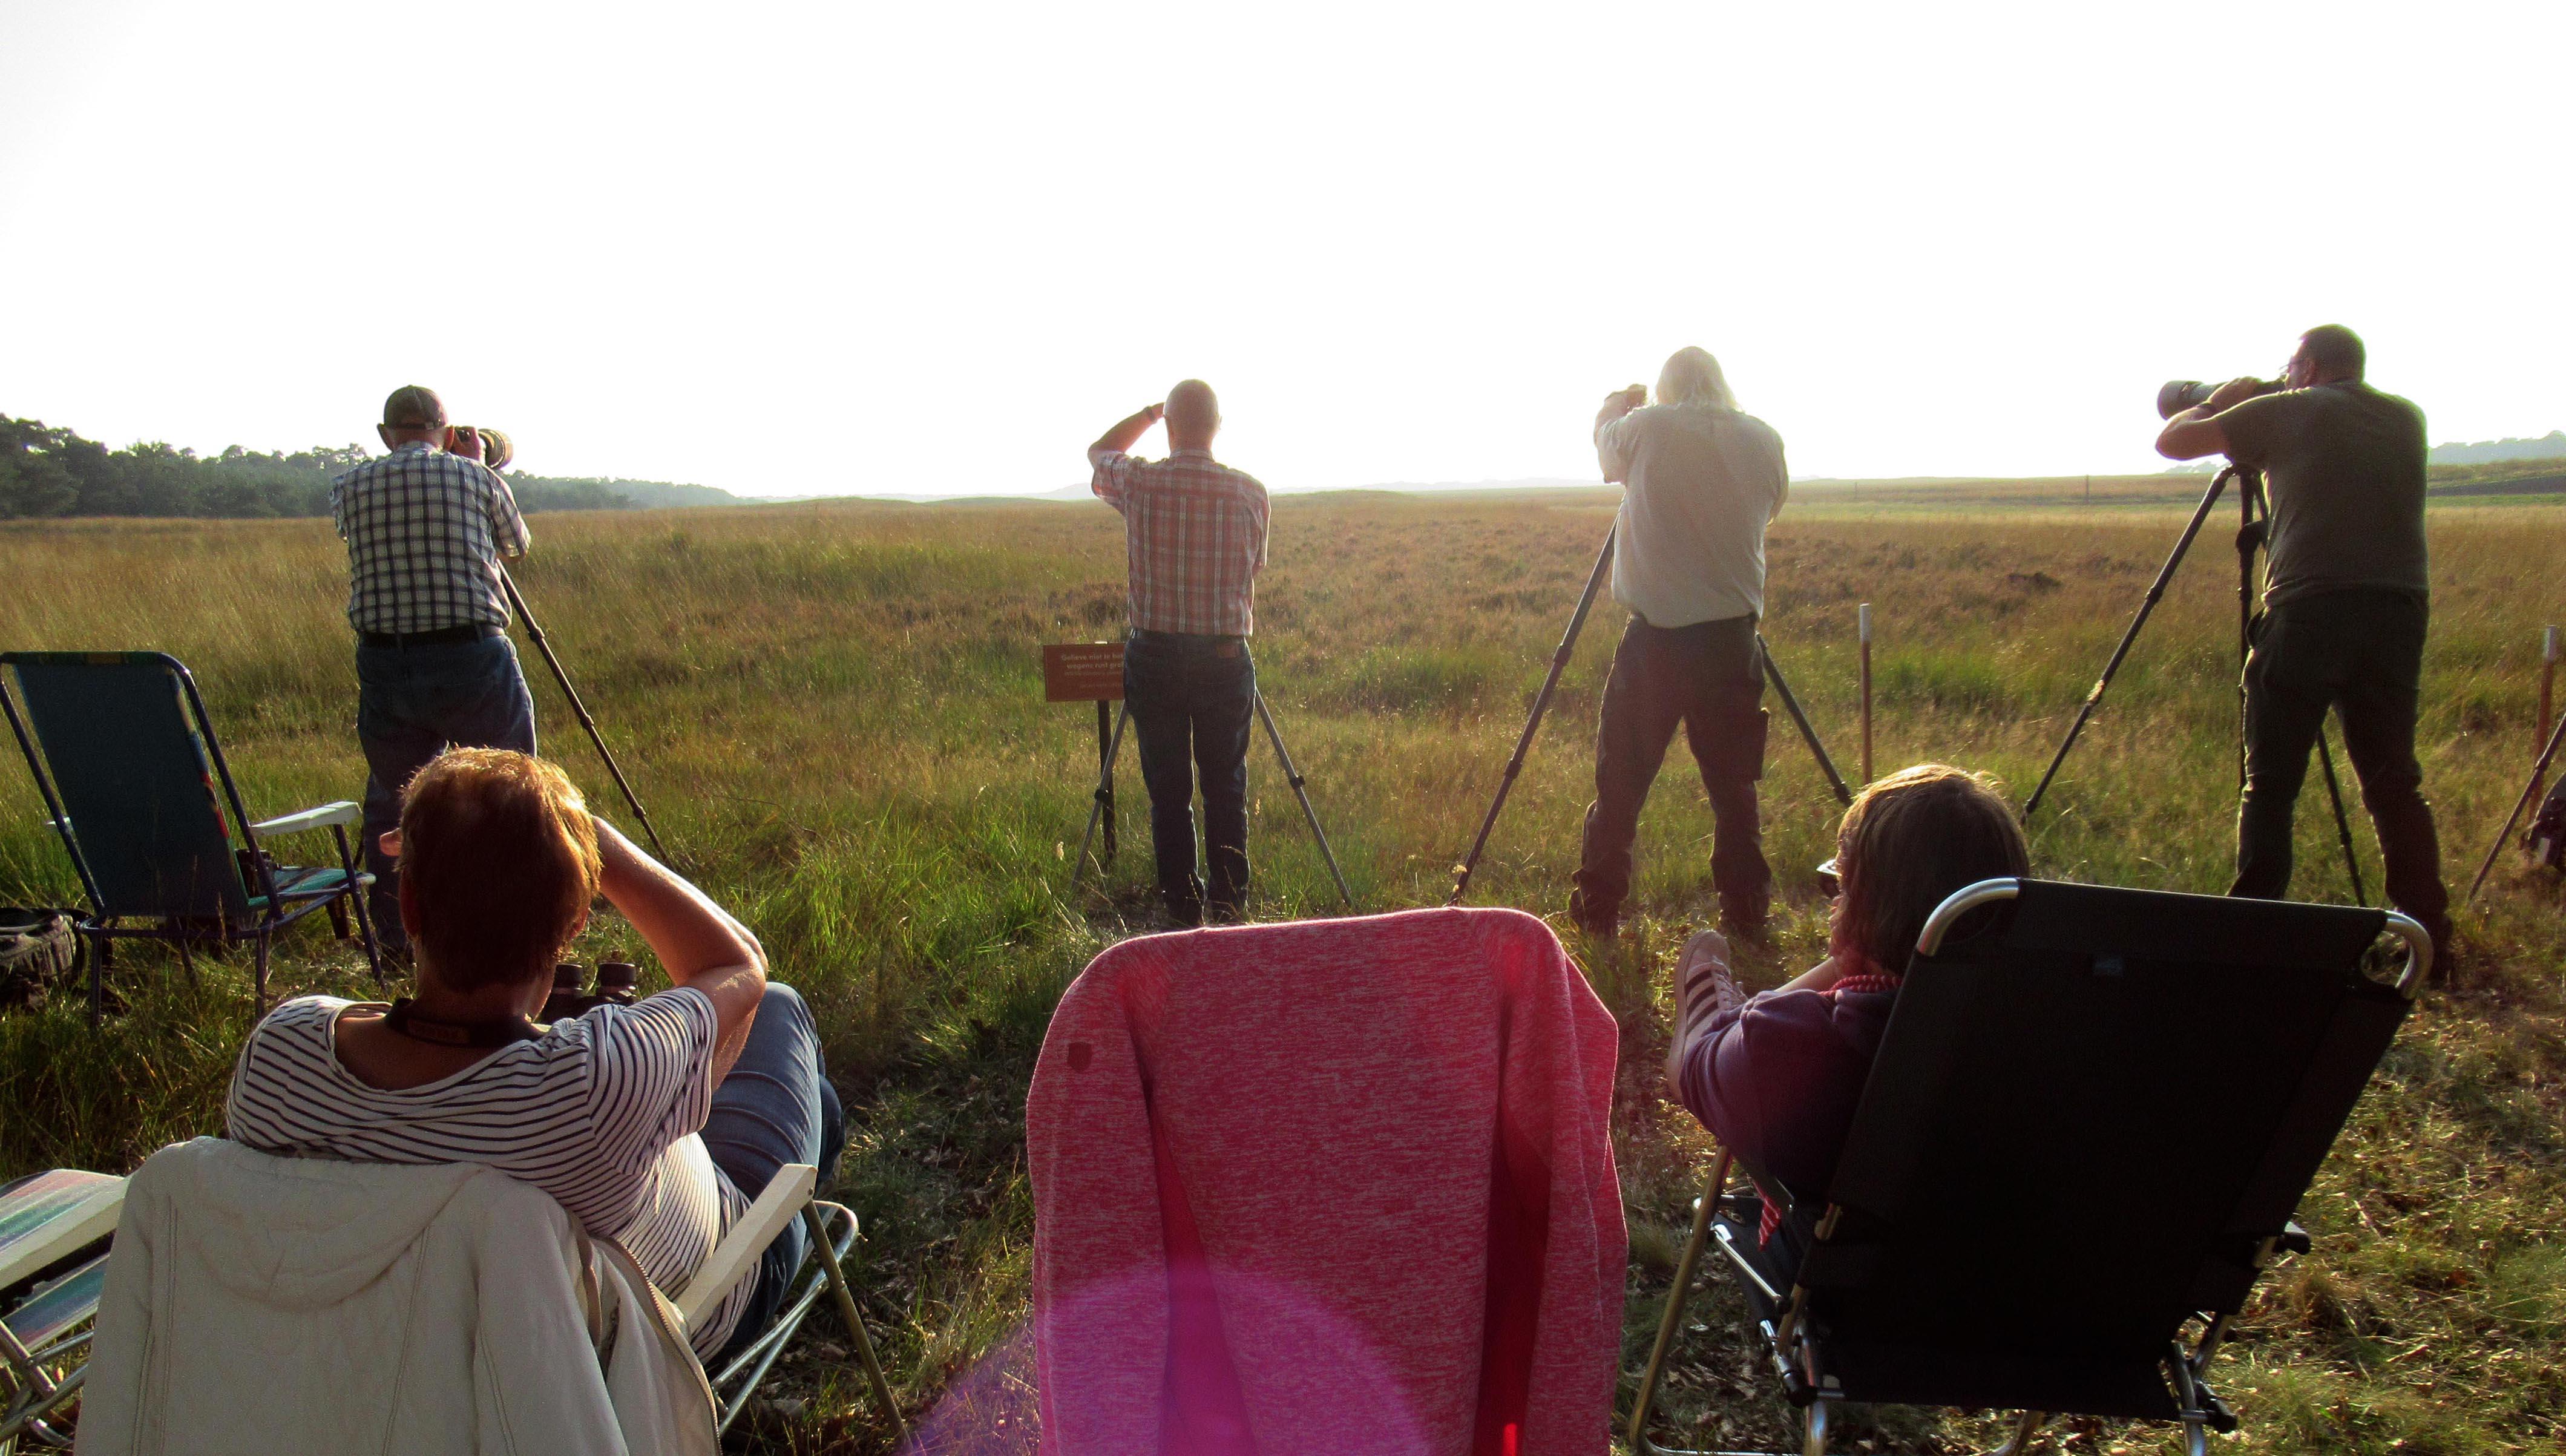 Vooraan de fotografen op hun post achter de camera's en op de stoelen Jannie en Thea – Foto: ©Fransien Fraanje